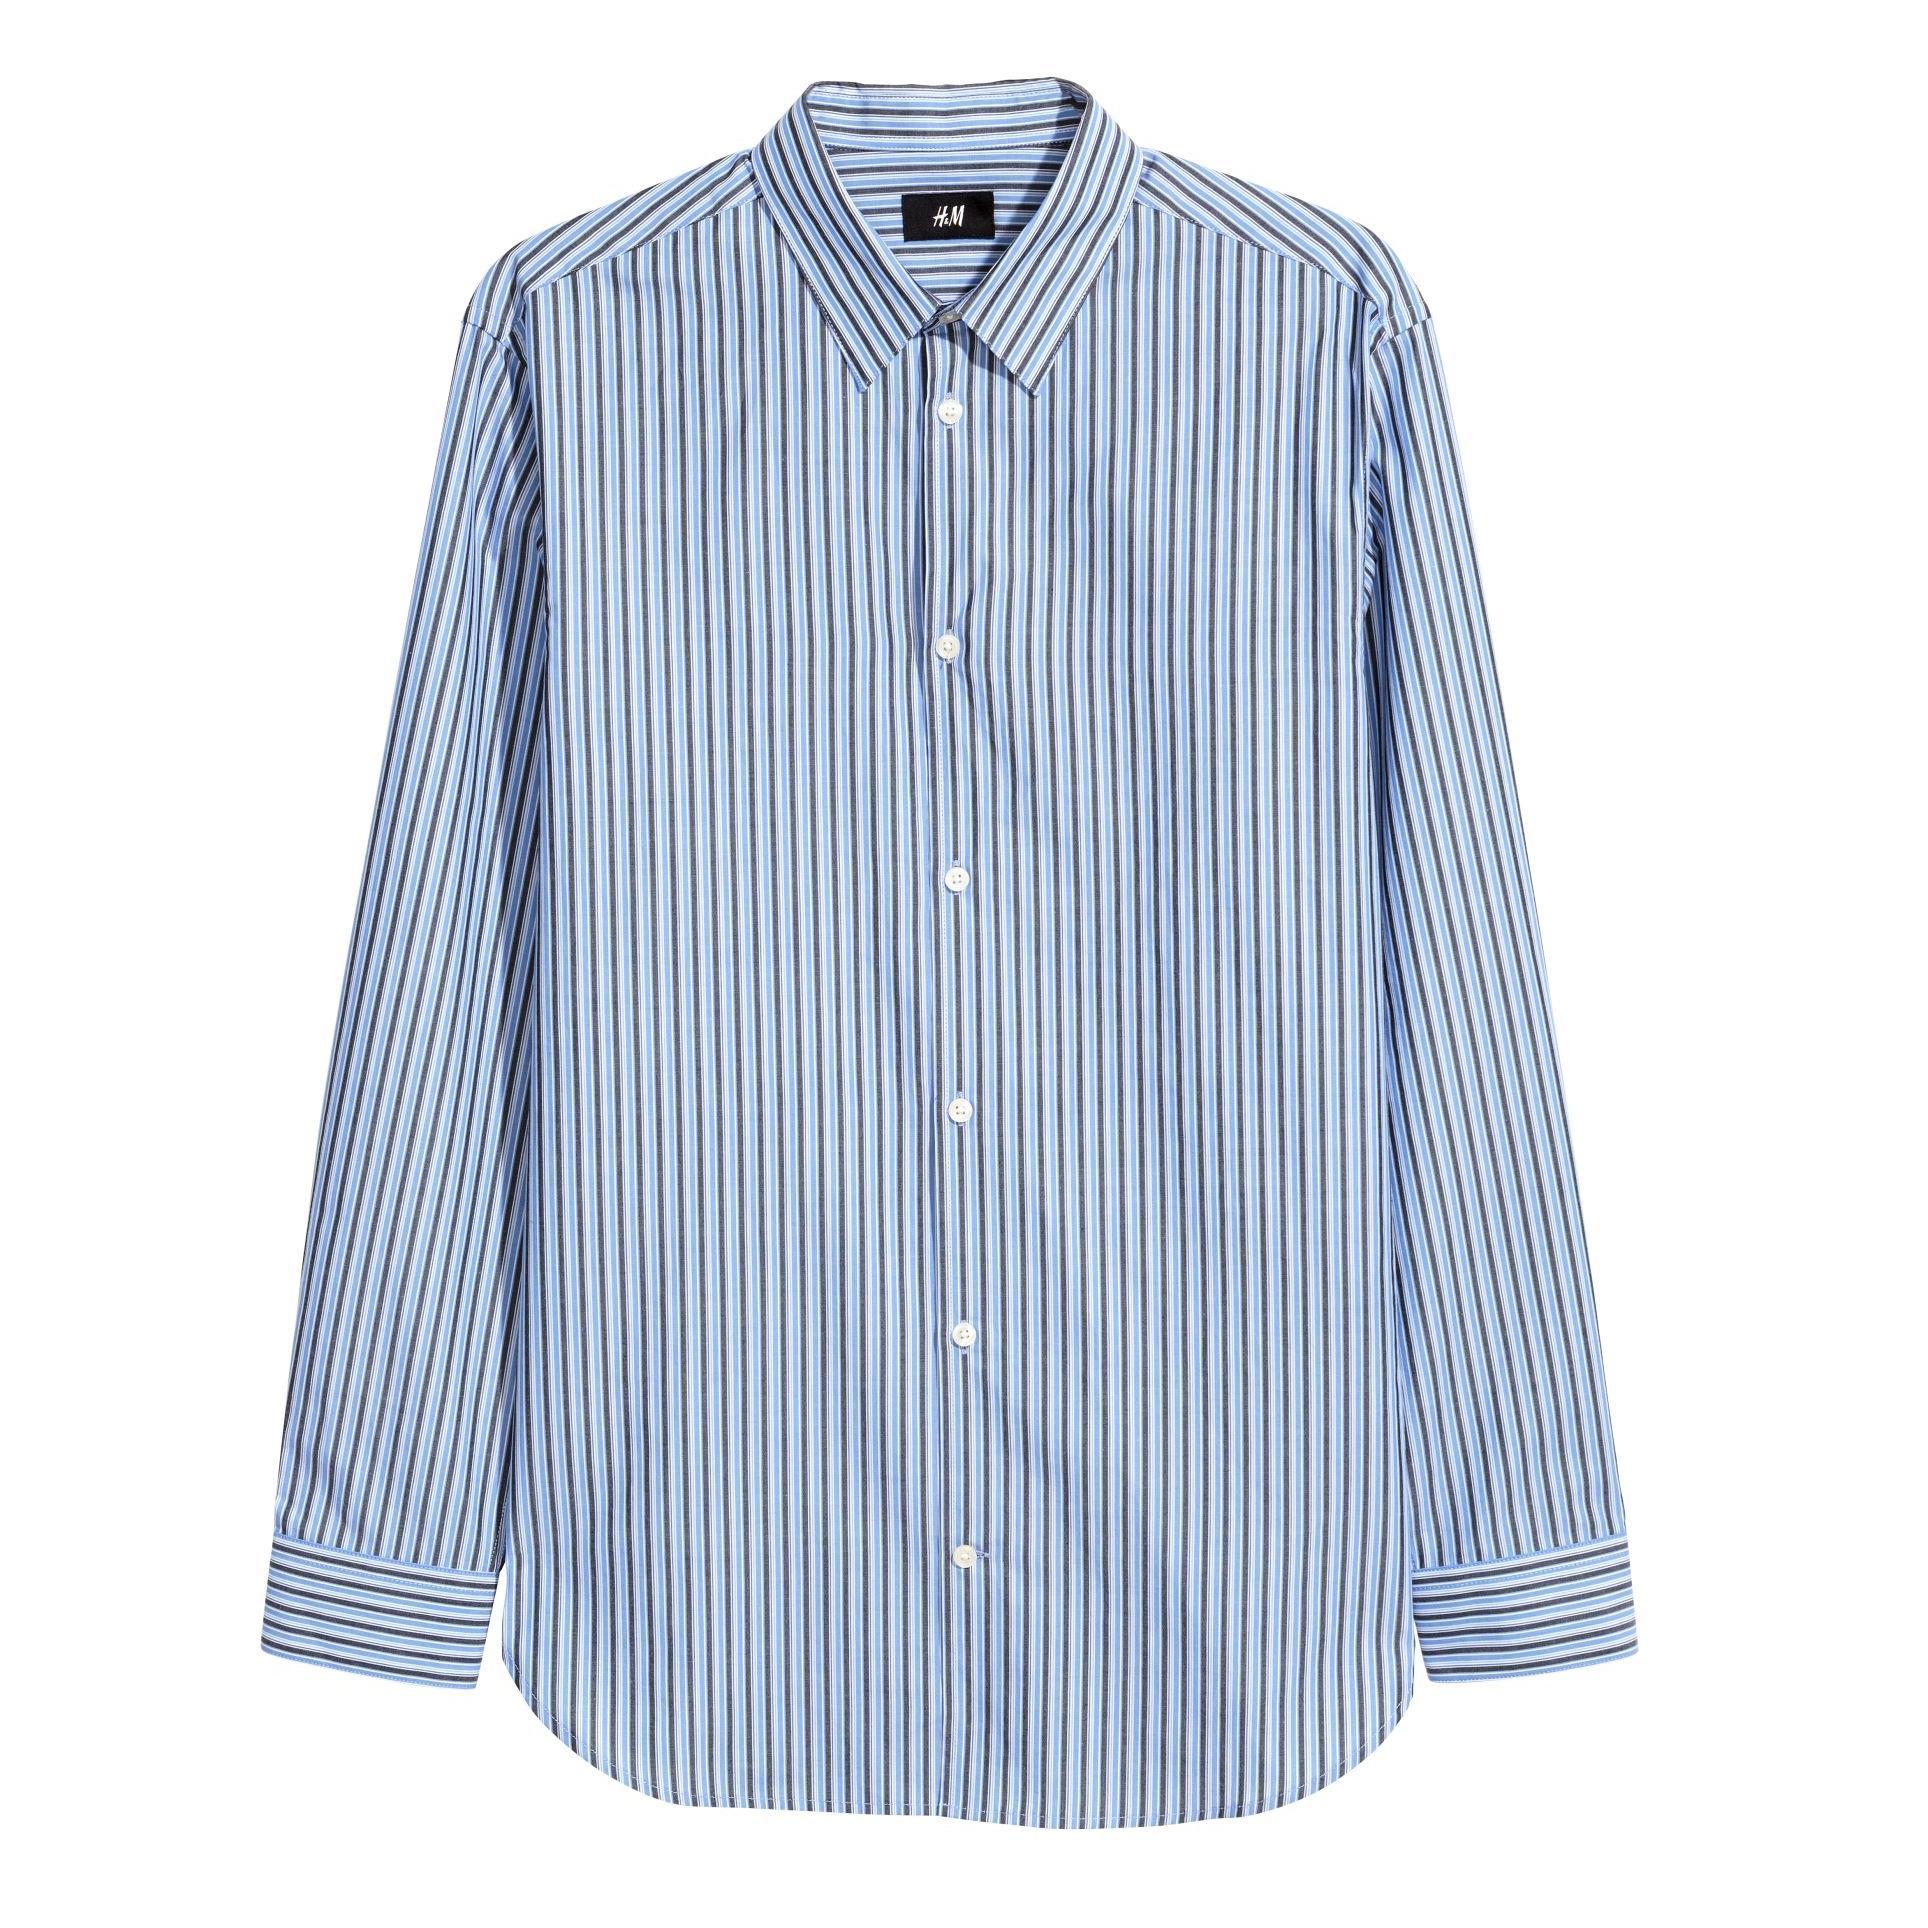 پیراهن آستین بلند مردانه اچ اند ام مدل 0547104005